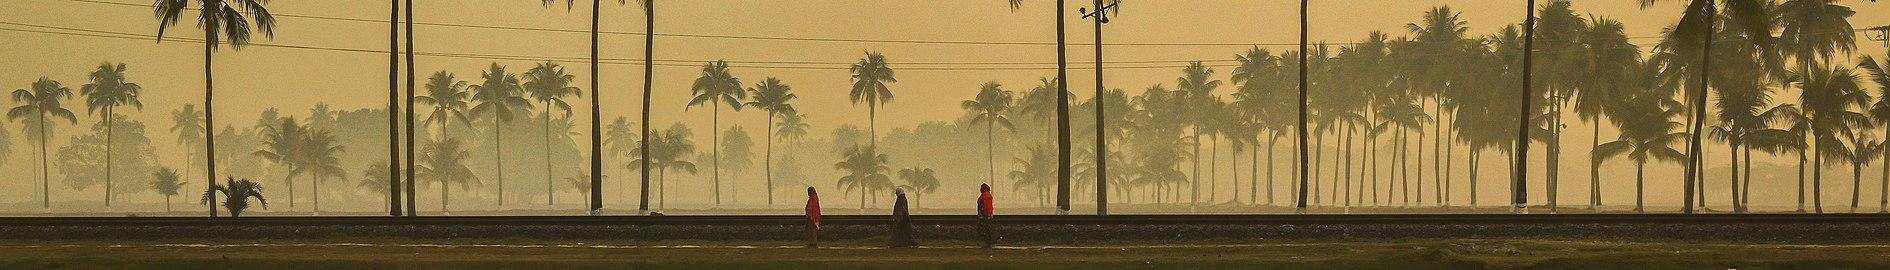 নিঝুম দ্বীপ জাতীয় উদ্যান (ব্যানার).jpg